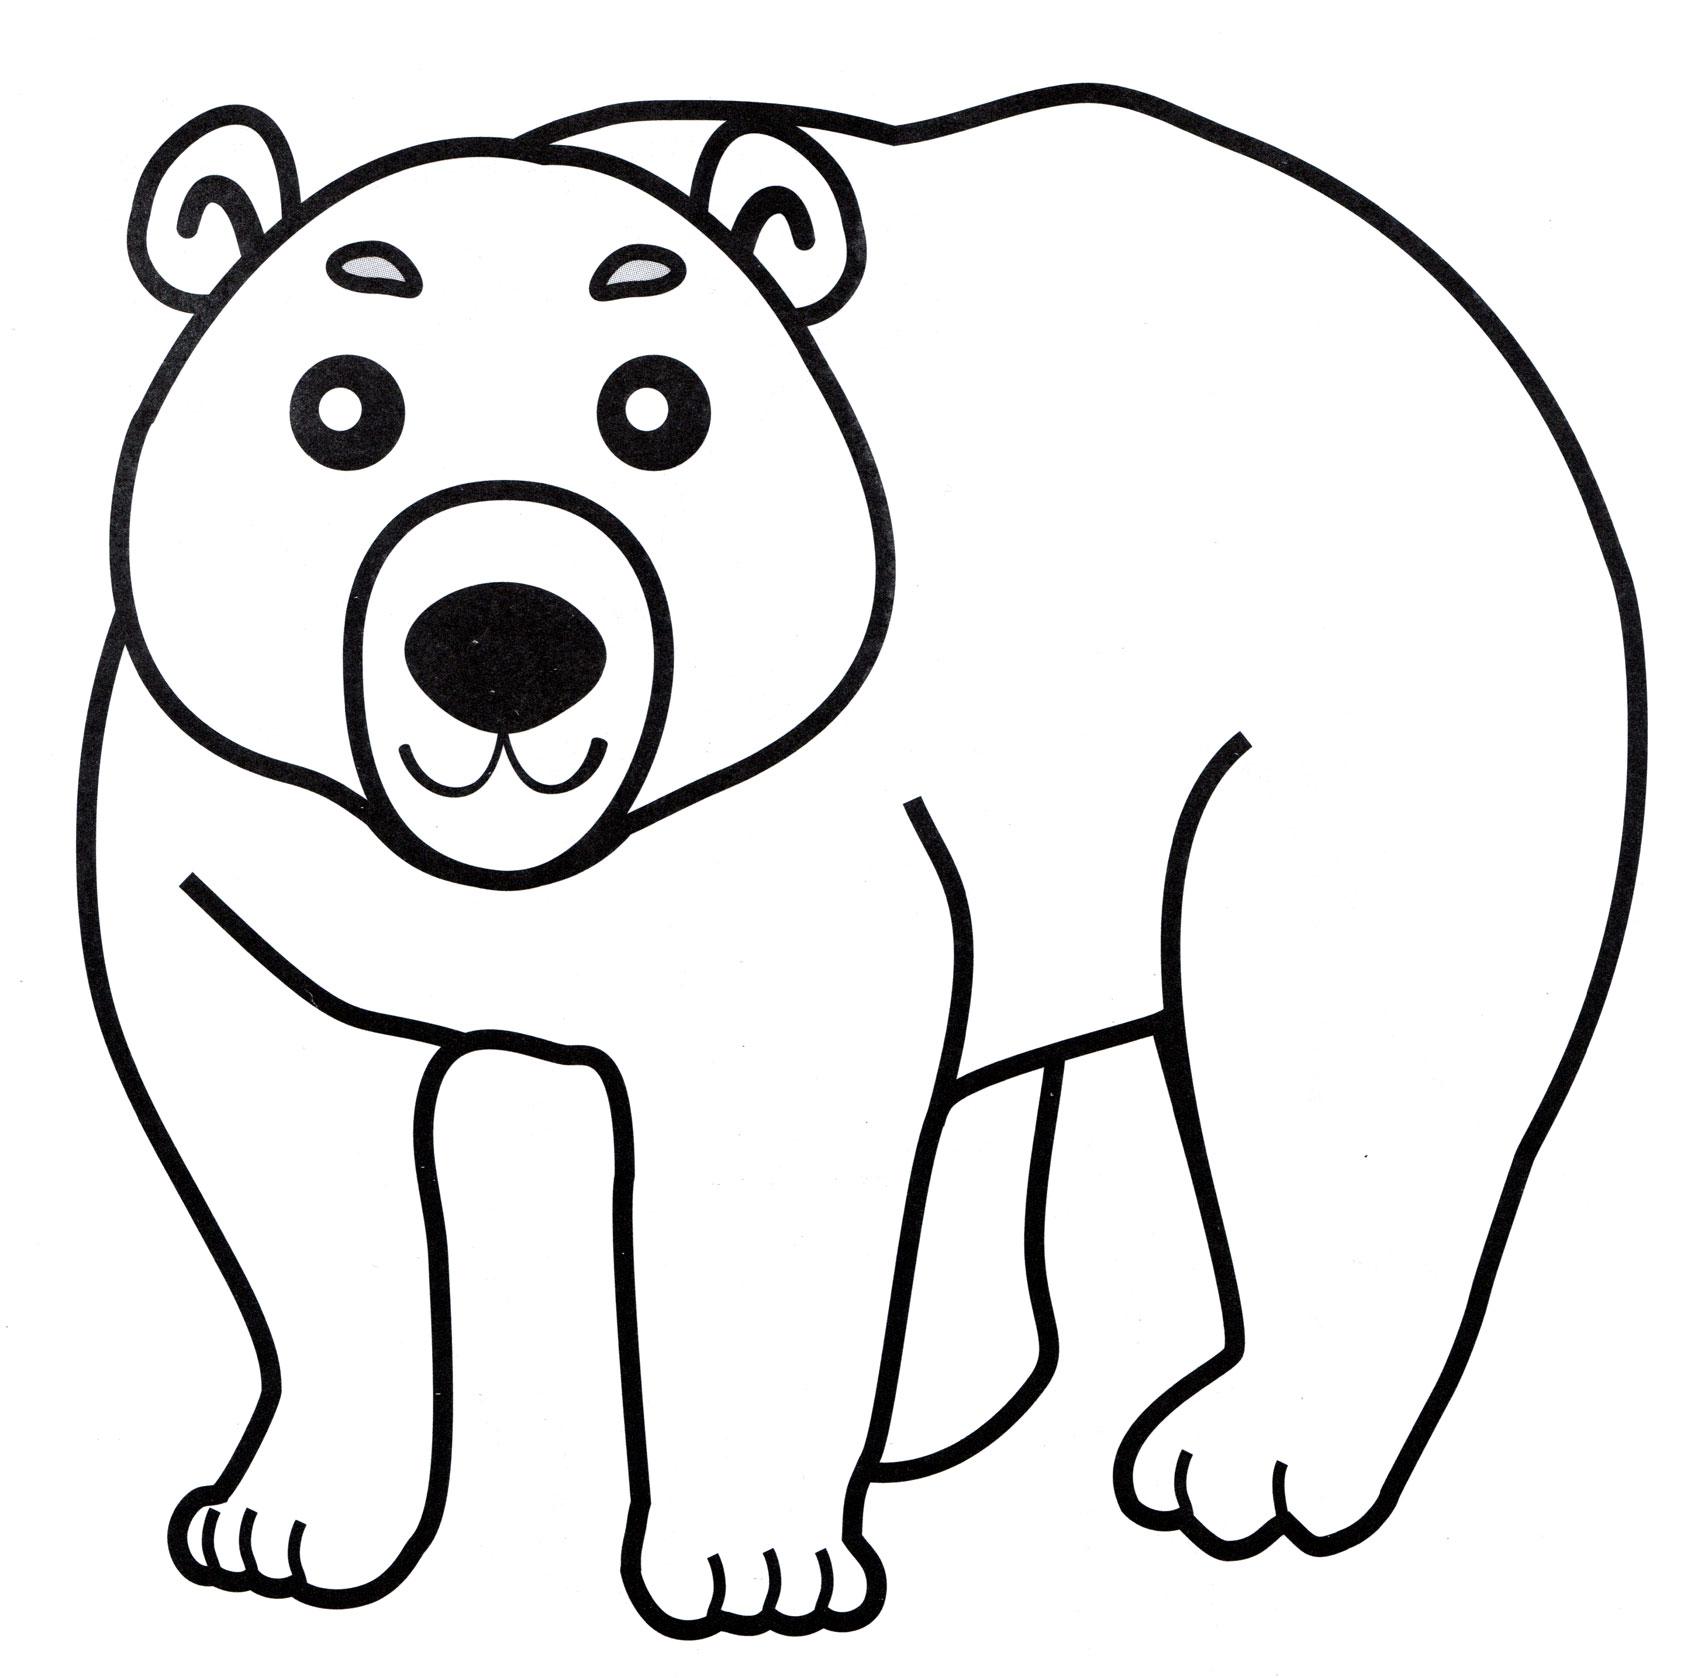 Картинка медведь для детей на белом фоне контур